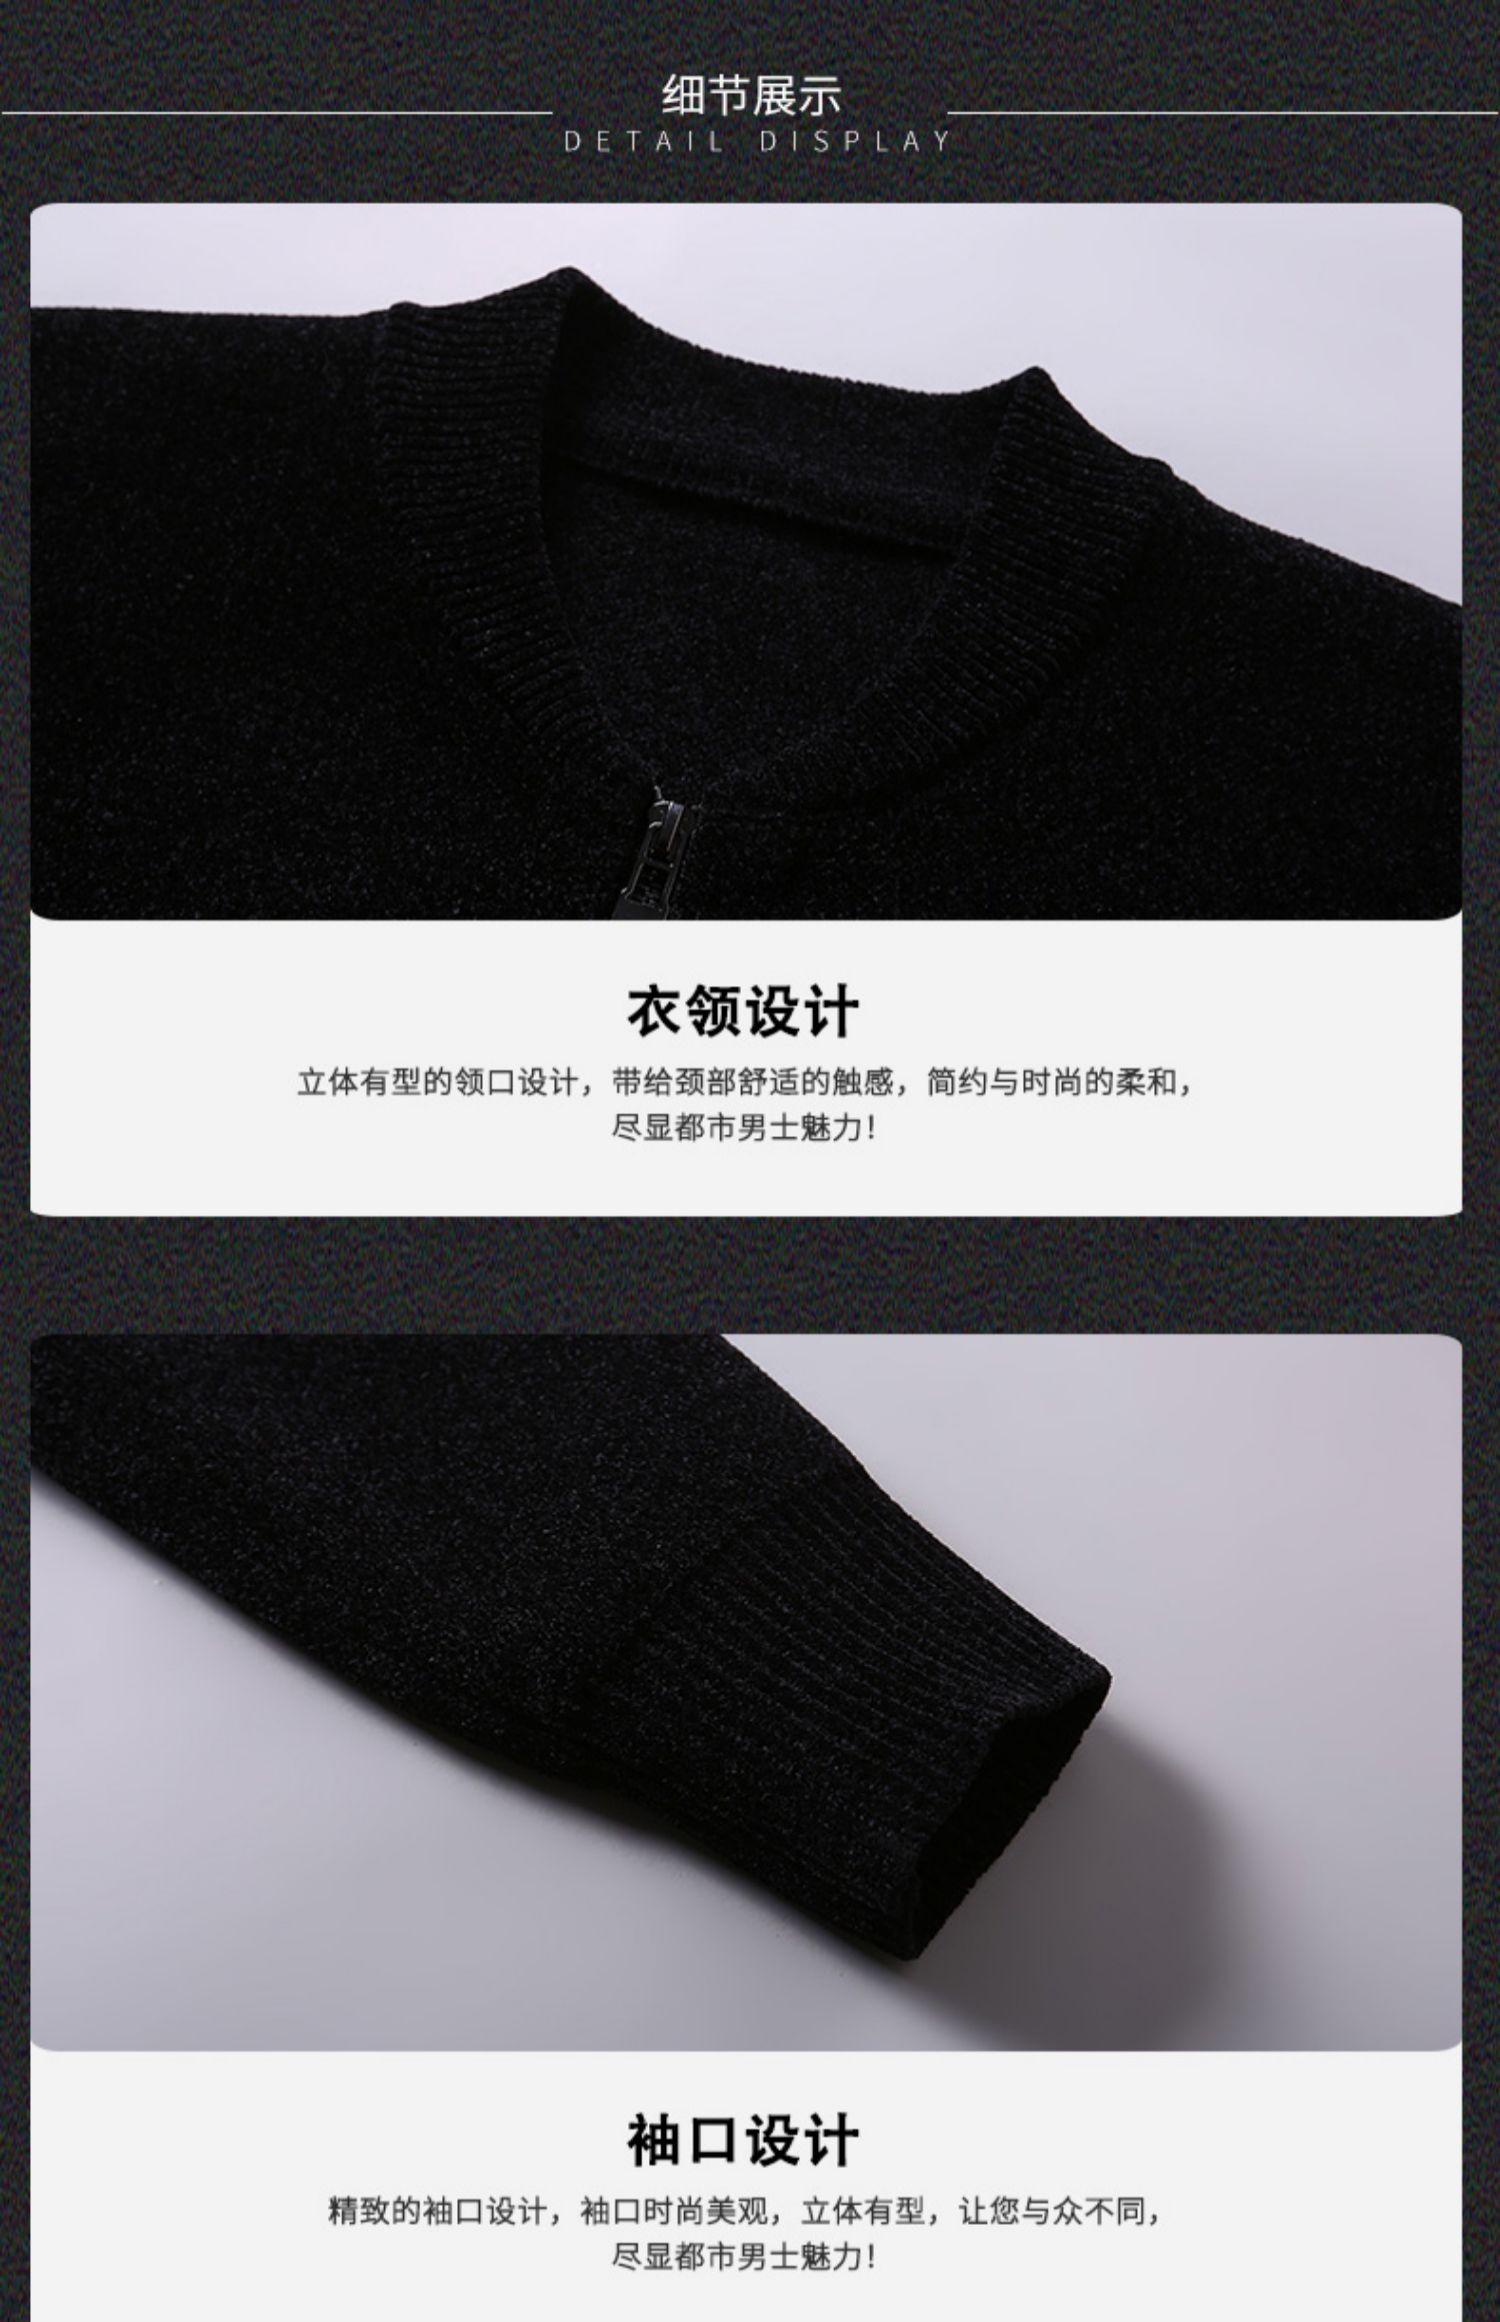 Mùa thu và mùa đông giả len nam len dày đan áo len áo len xu hướng áo len Hàn Quốc áo len nam ngoài - Áo len